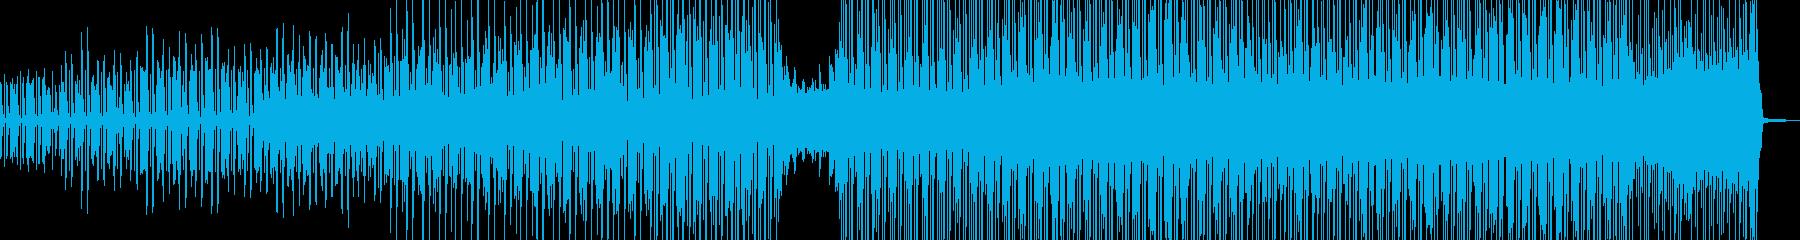 長閑→軽快・徐々にポップスへ展開 Aの再生済みの波形